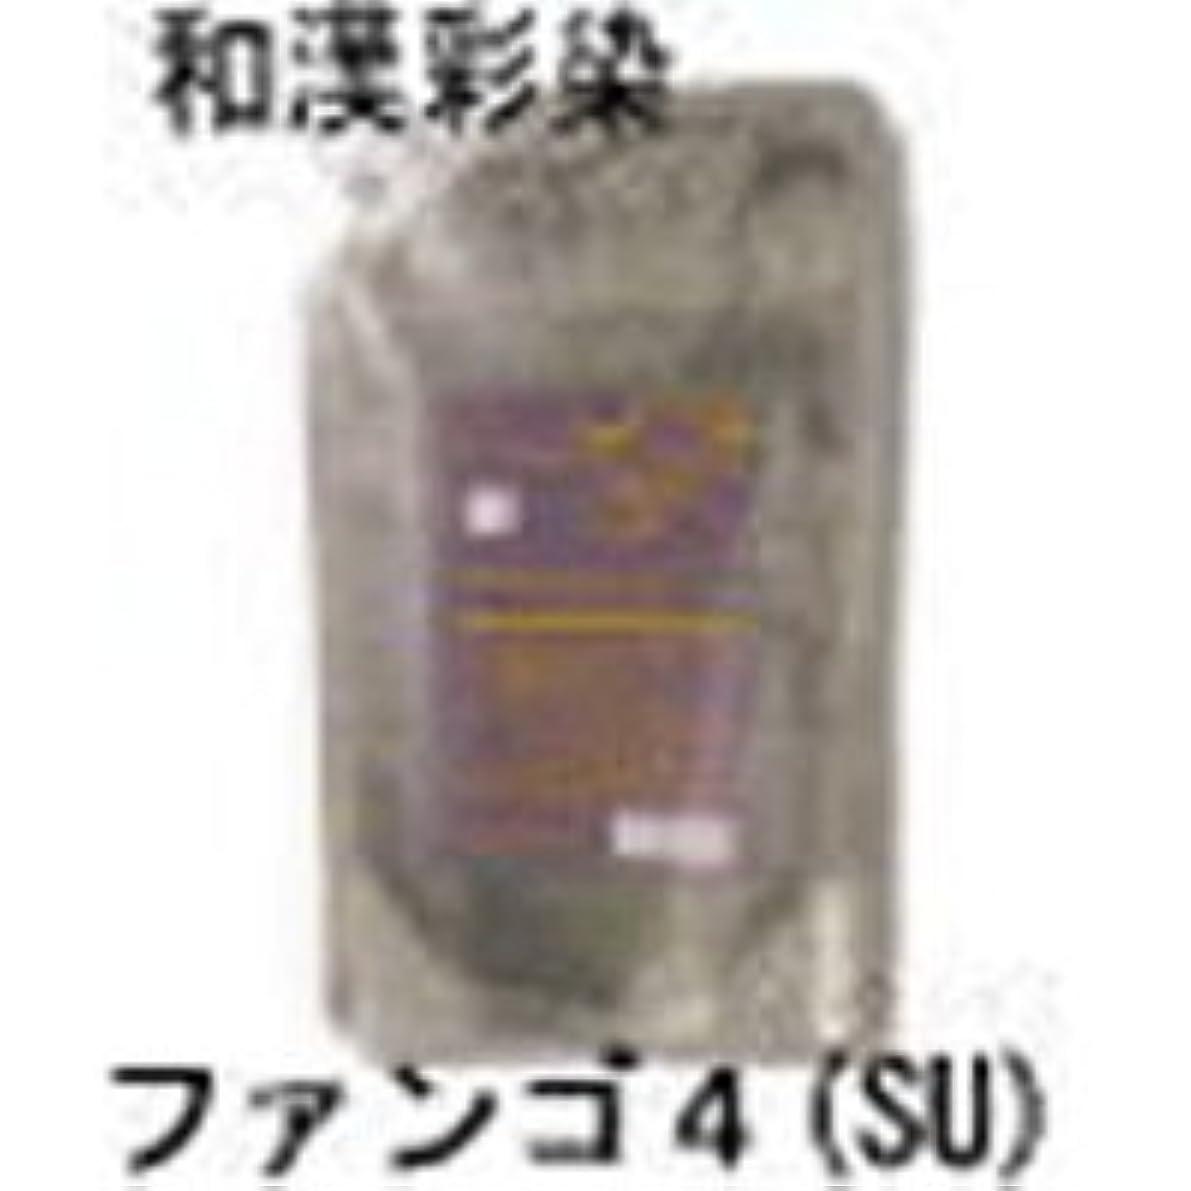 発行するどれ廃止するグランデックス アルティゾラ APT 和漢彩染 ファンゴ4 スーパーボリュームアップ SU 800g